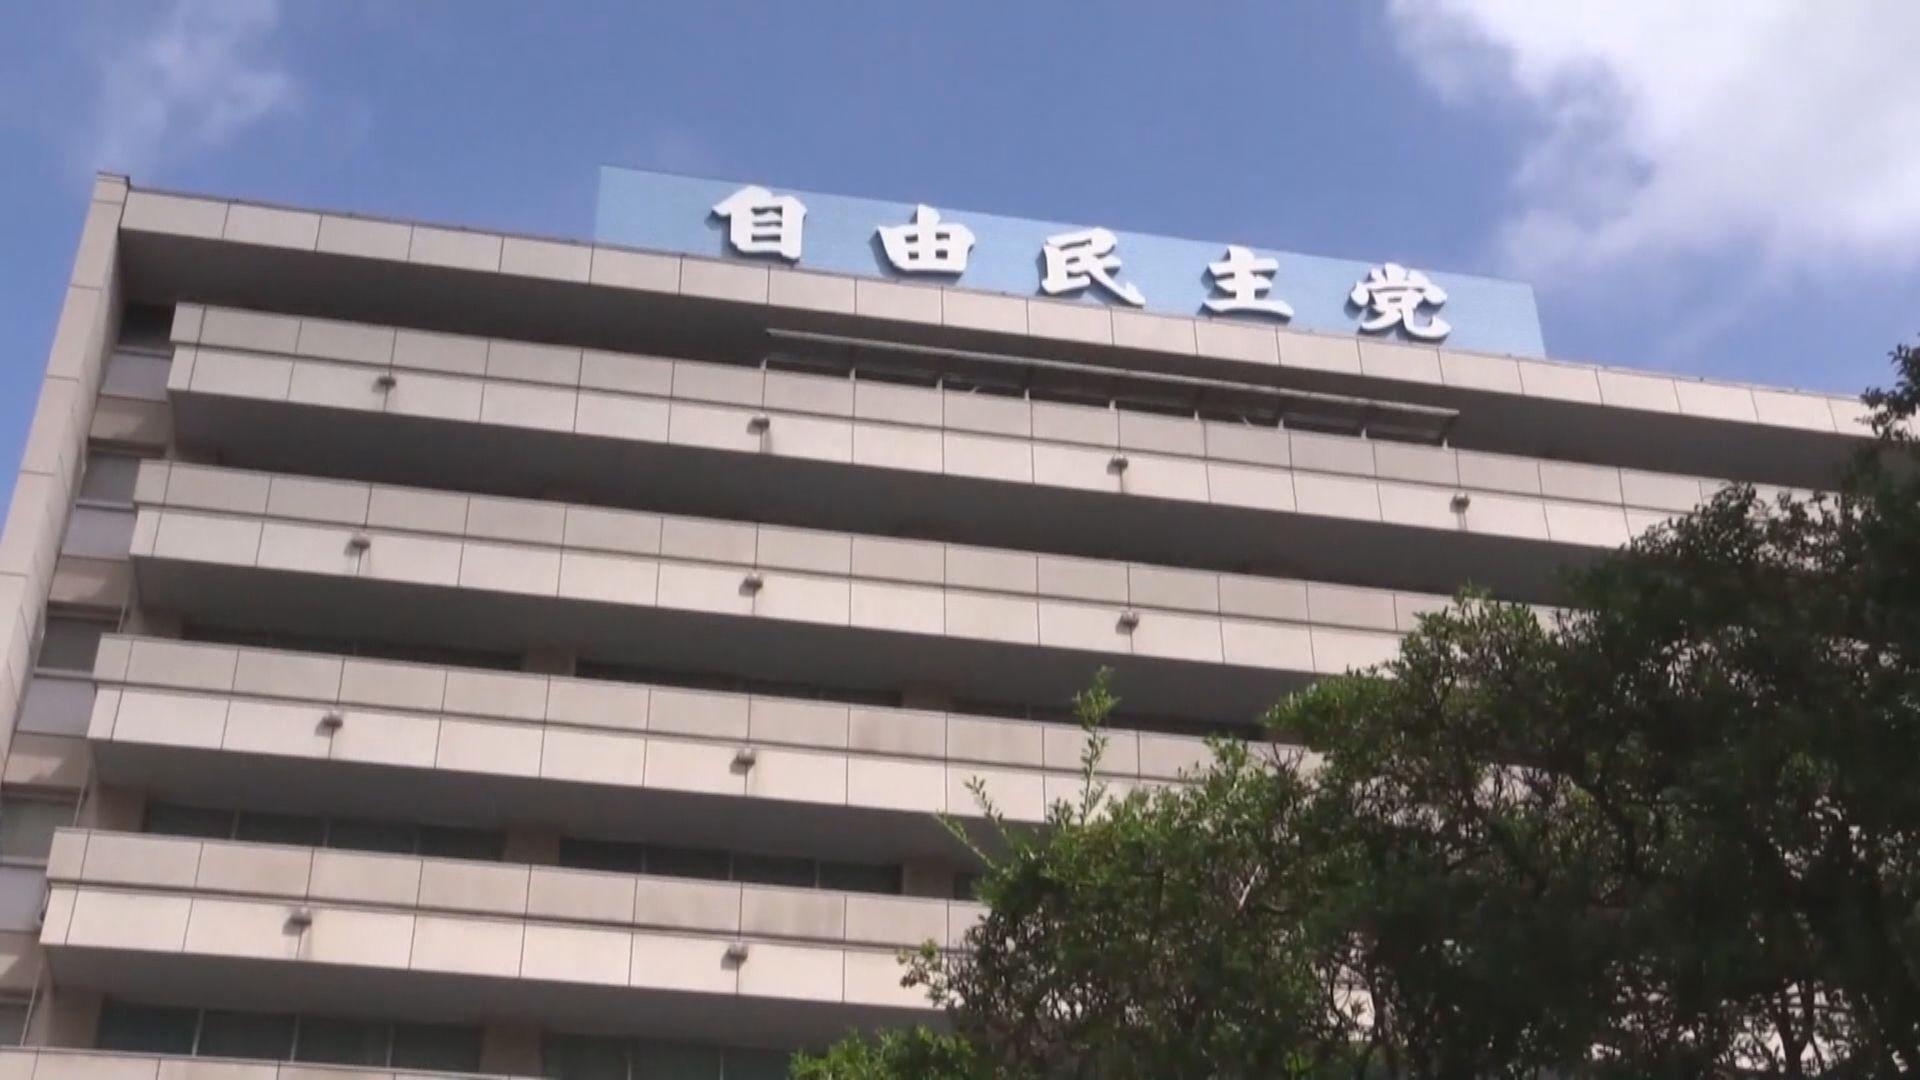 報道指菅義偉擬下周改組自民黨高層